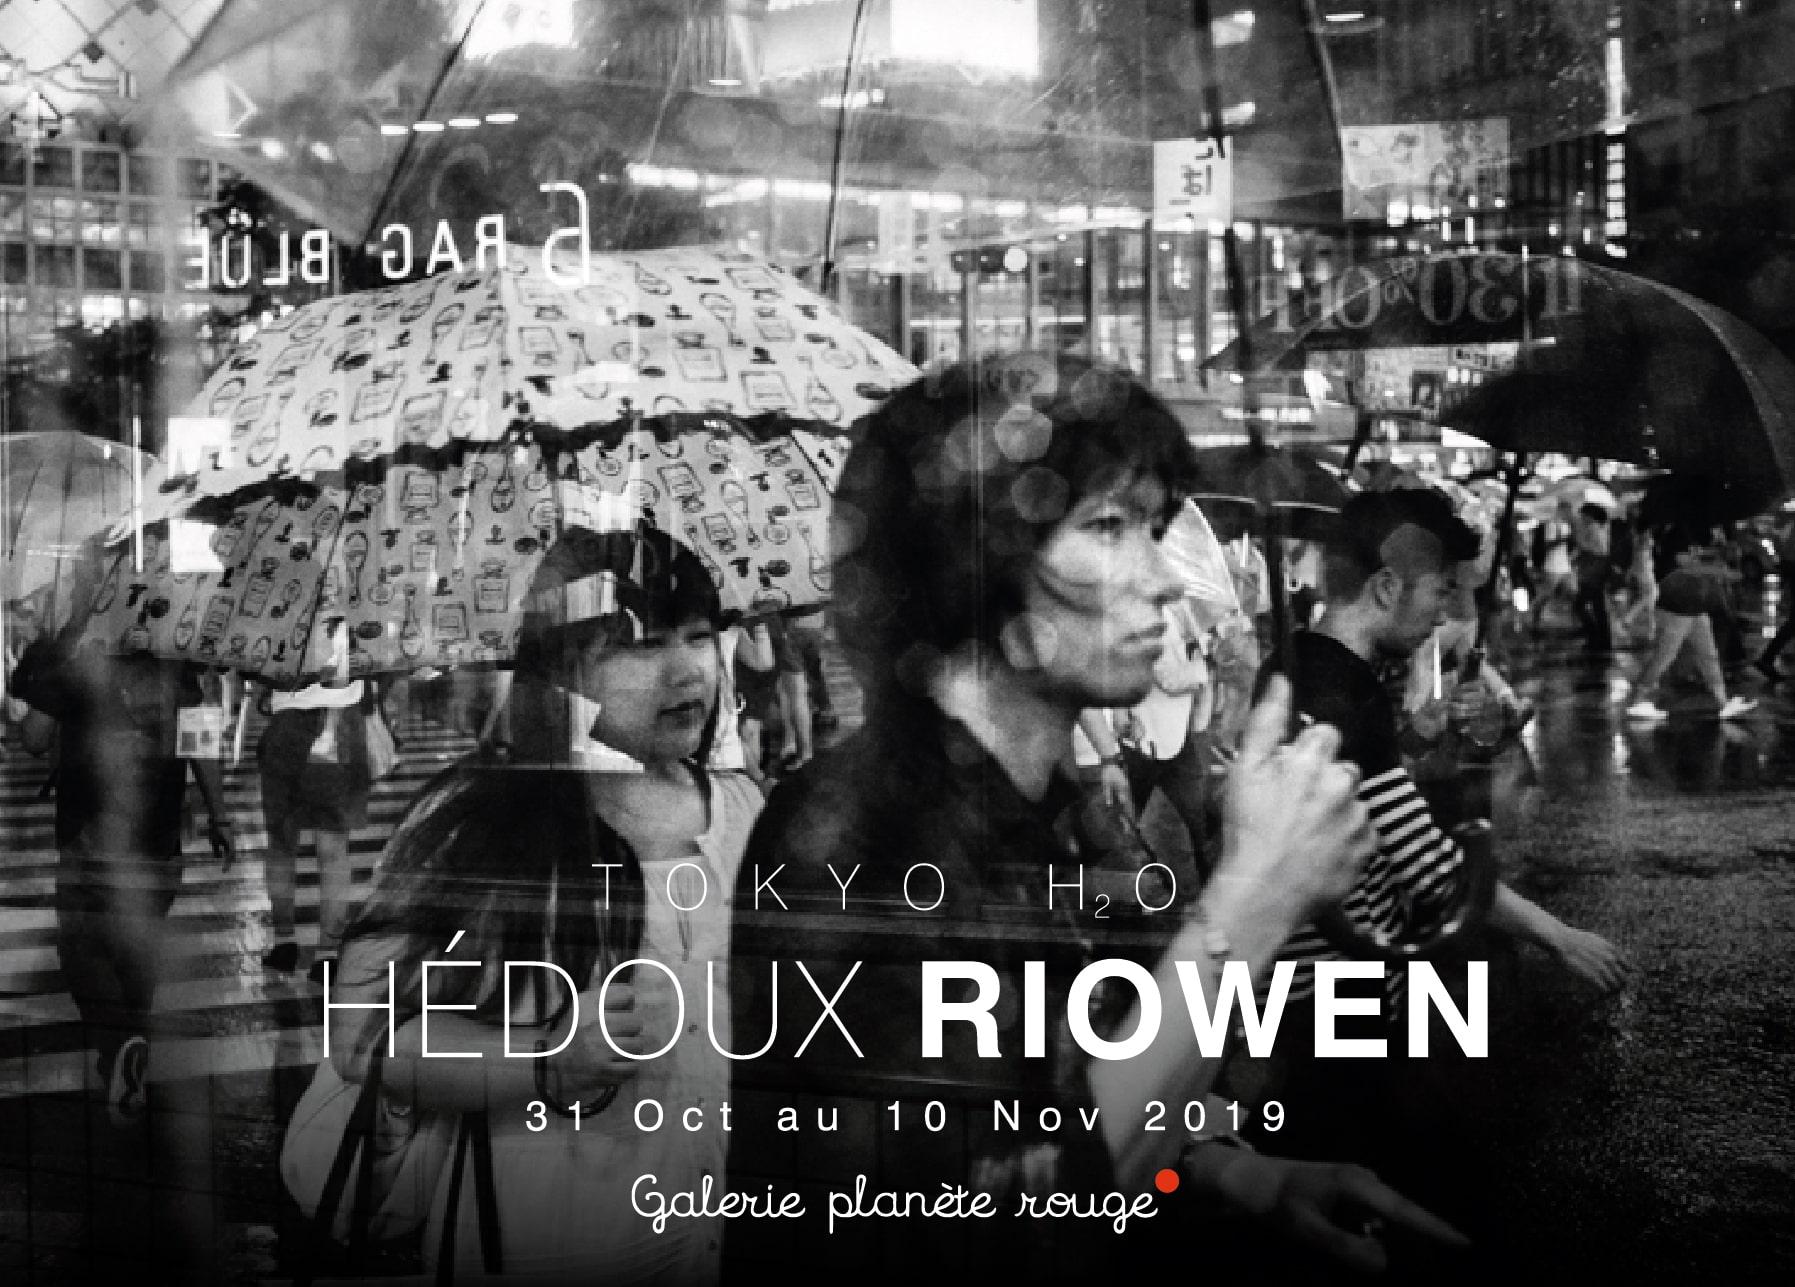 Tokyo H2O, Riowen Hédoux